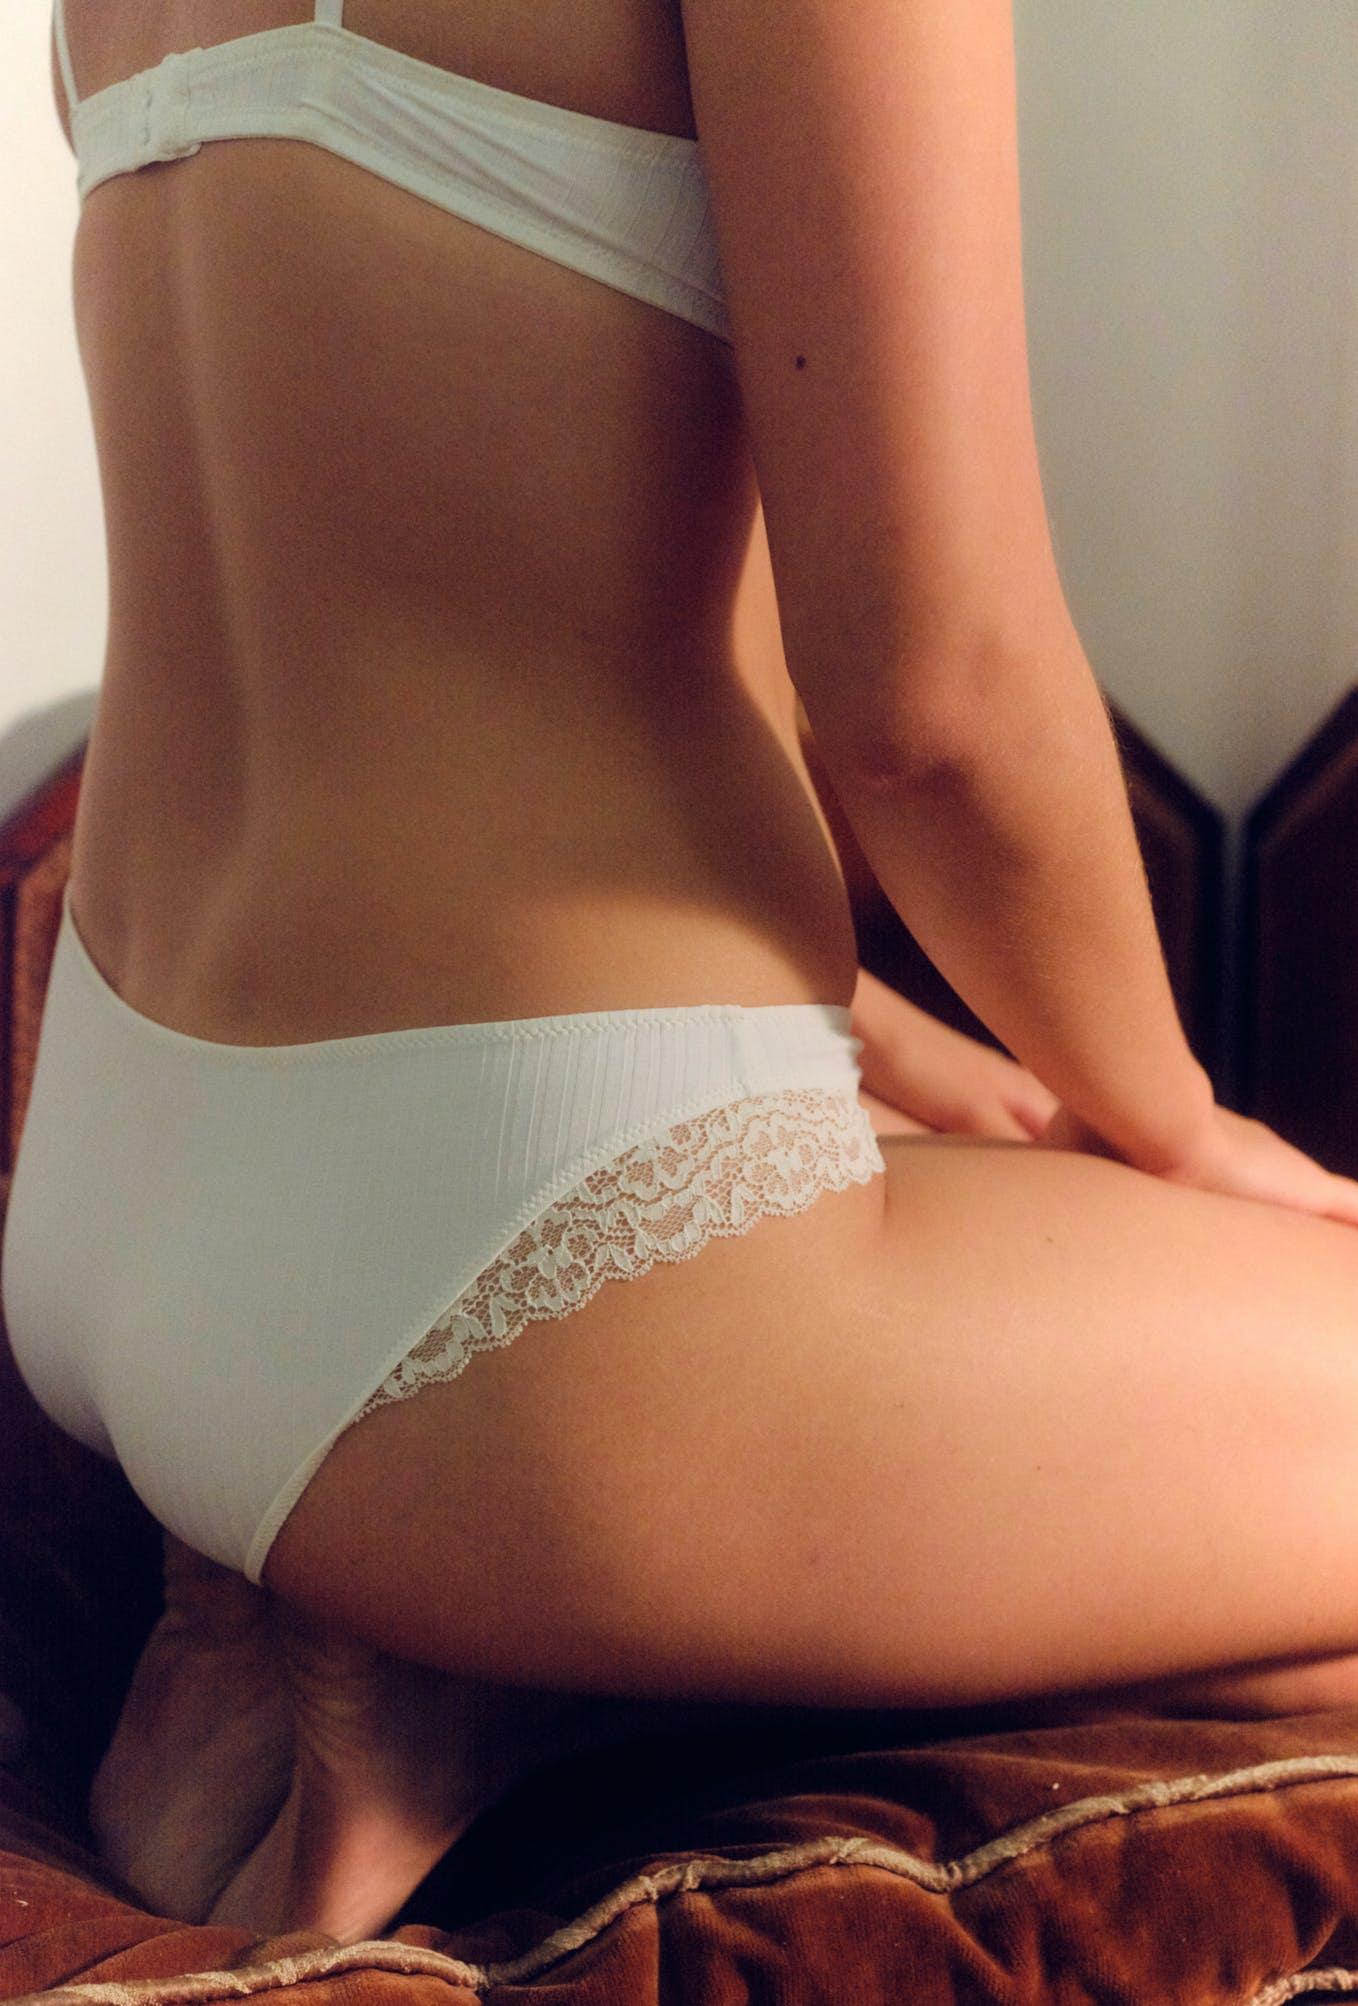 culotte contre mon corps ivoire